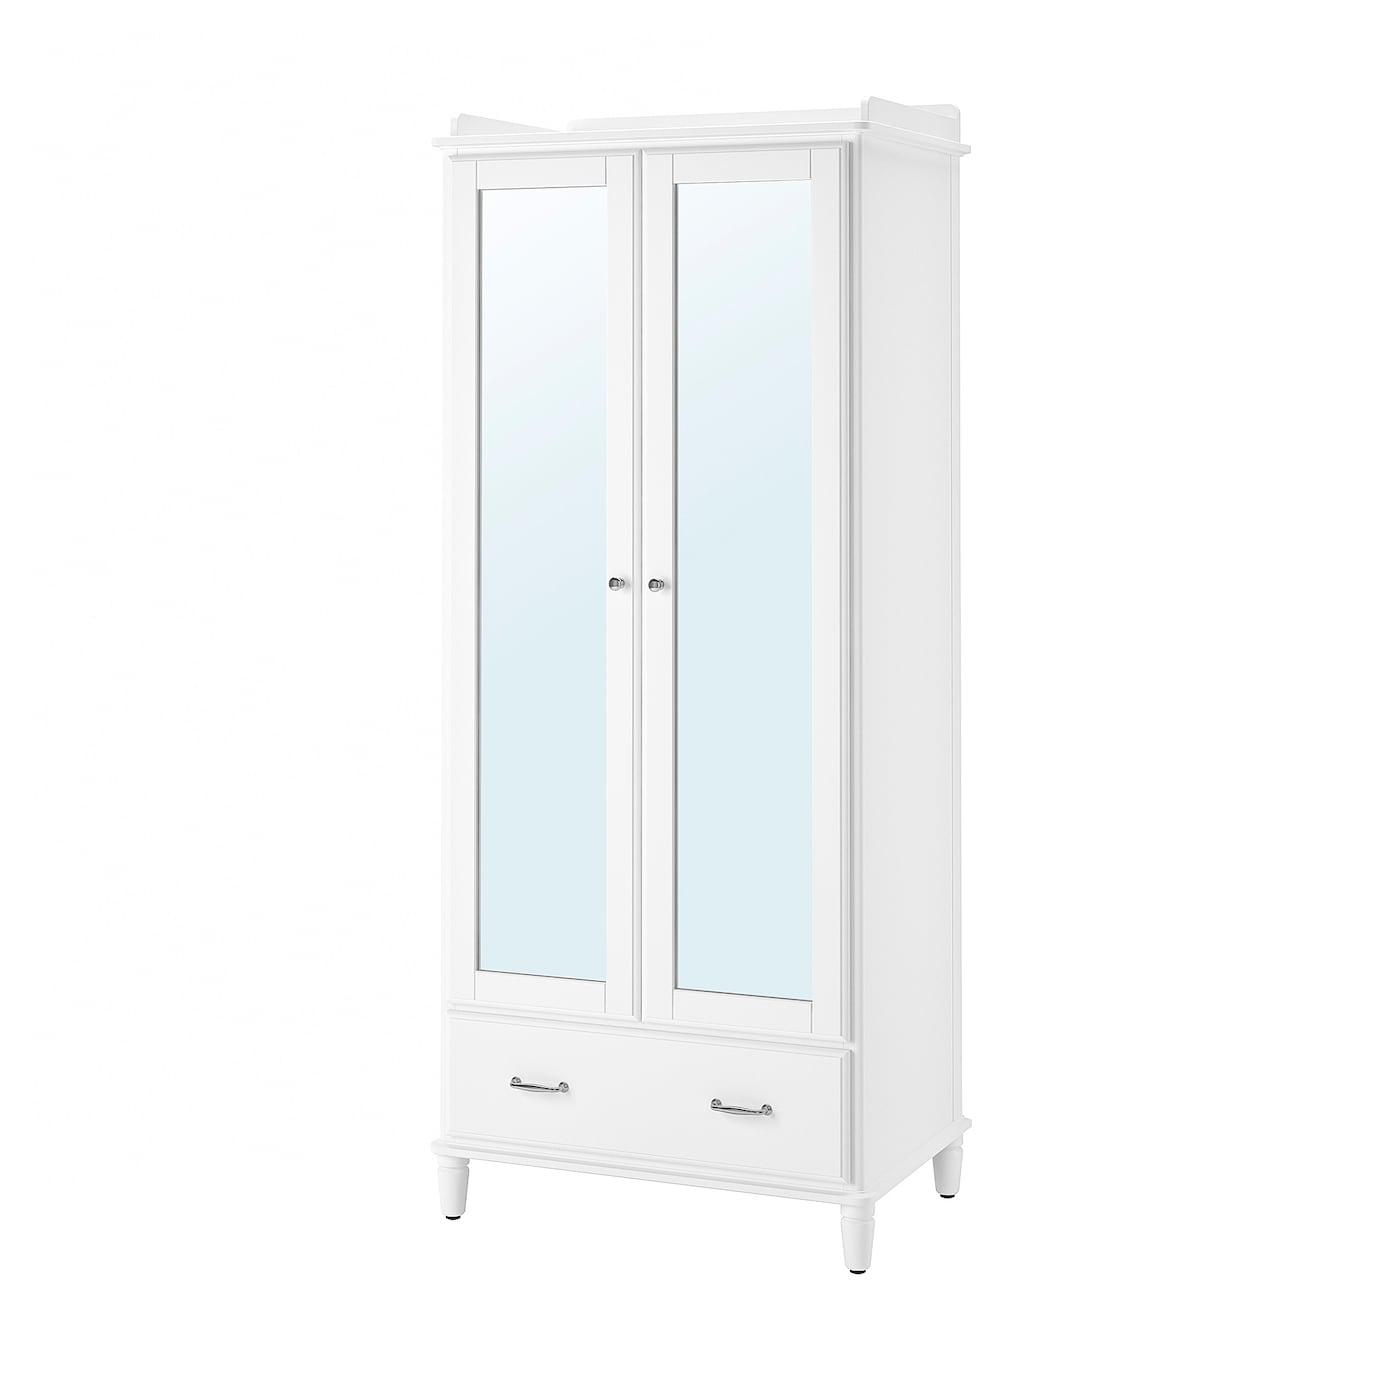 Ikea Tyssedal Wardrobe